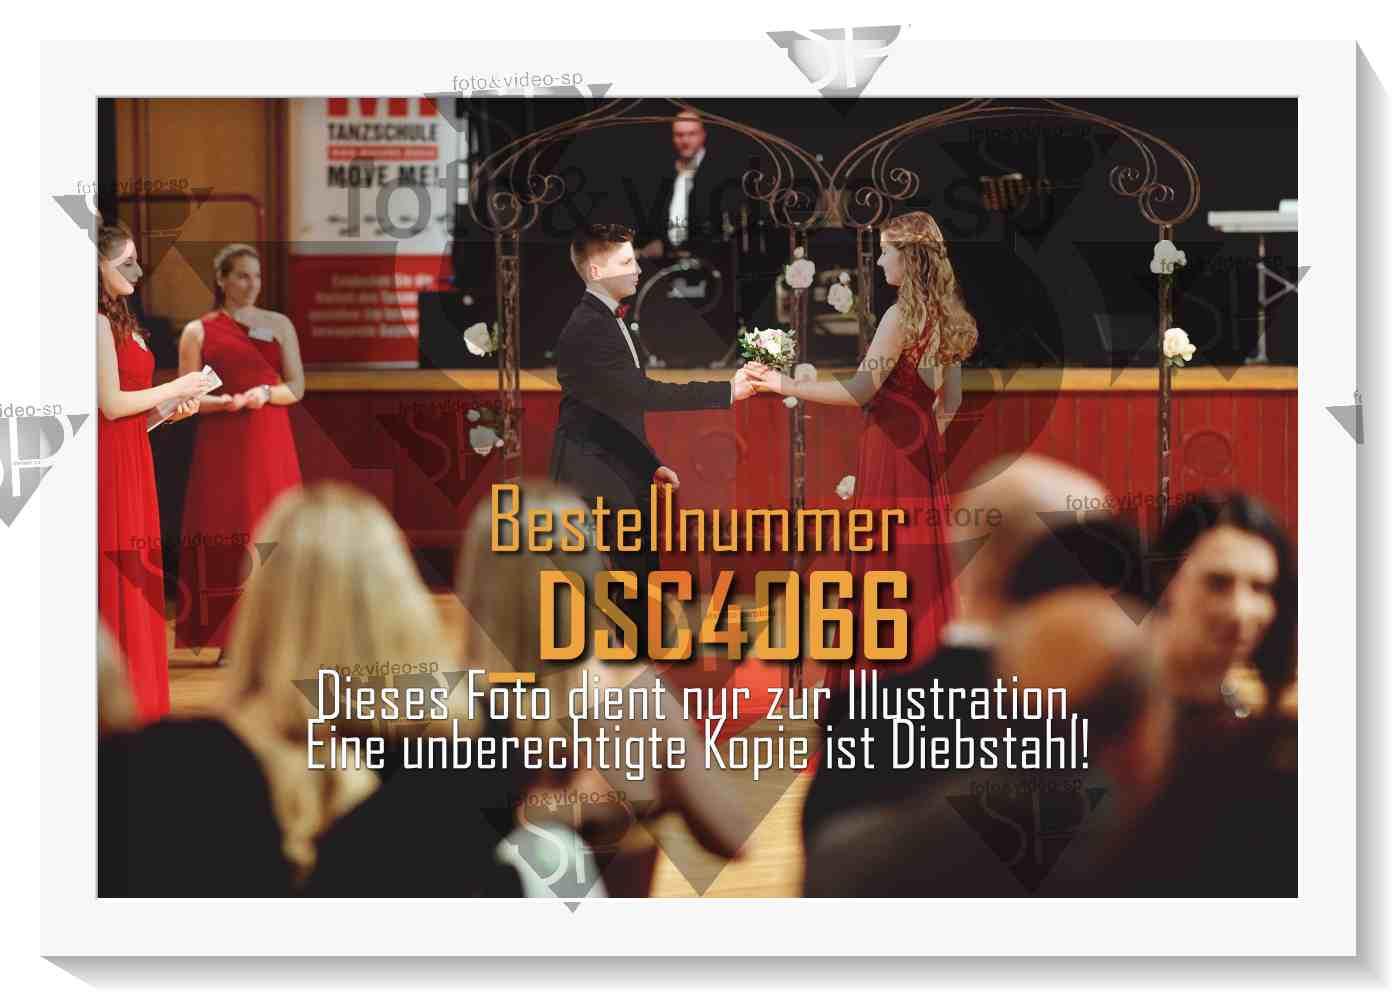 DSC4066